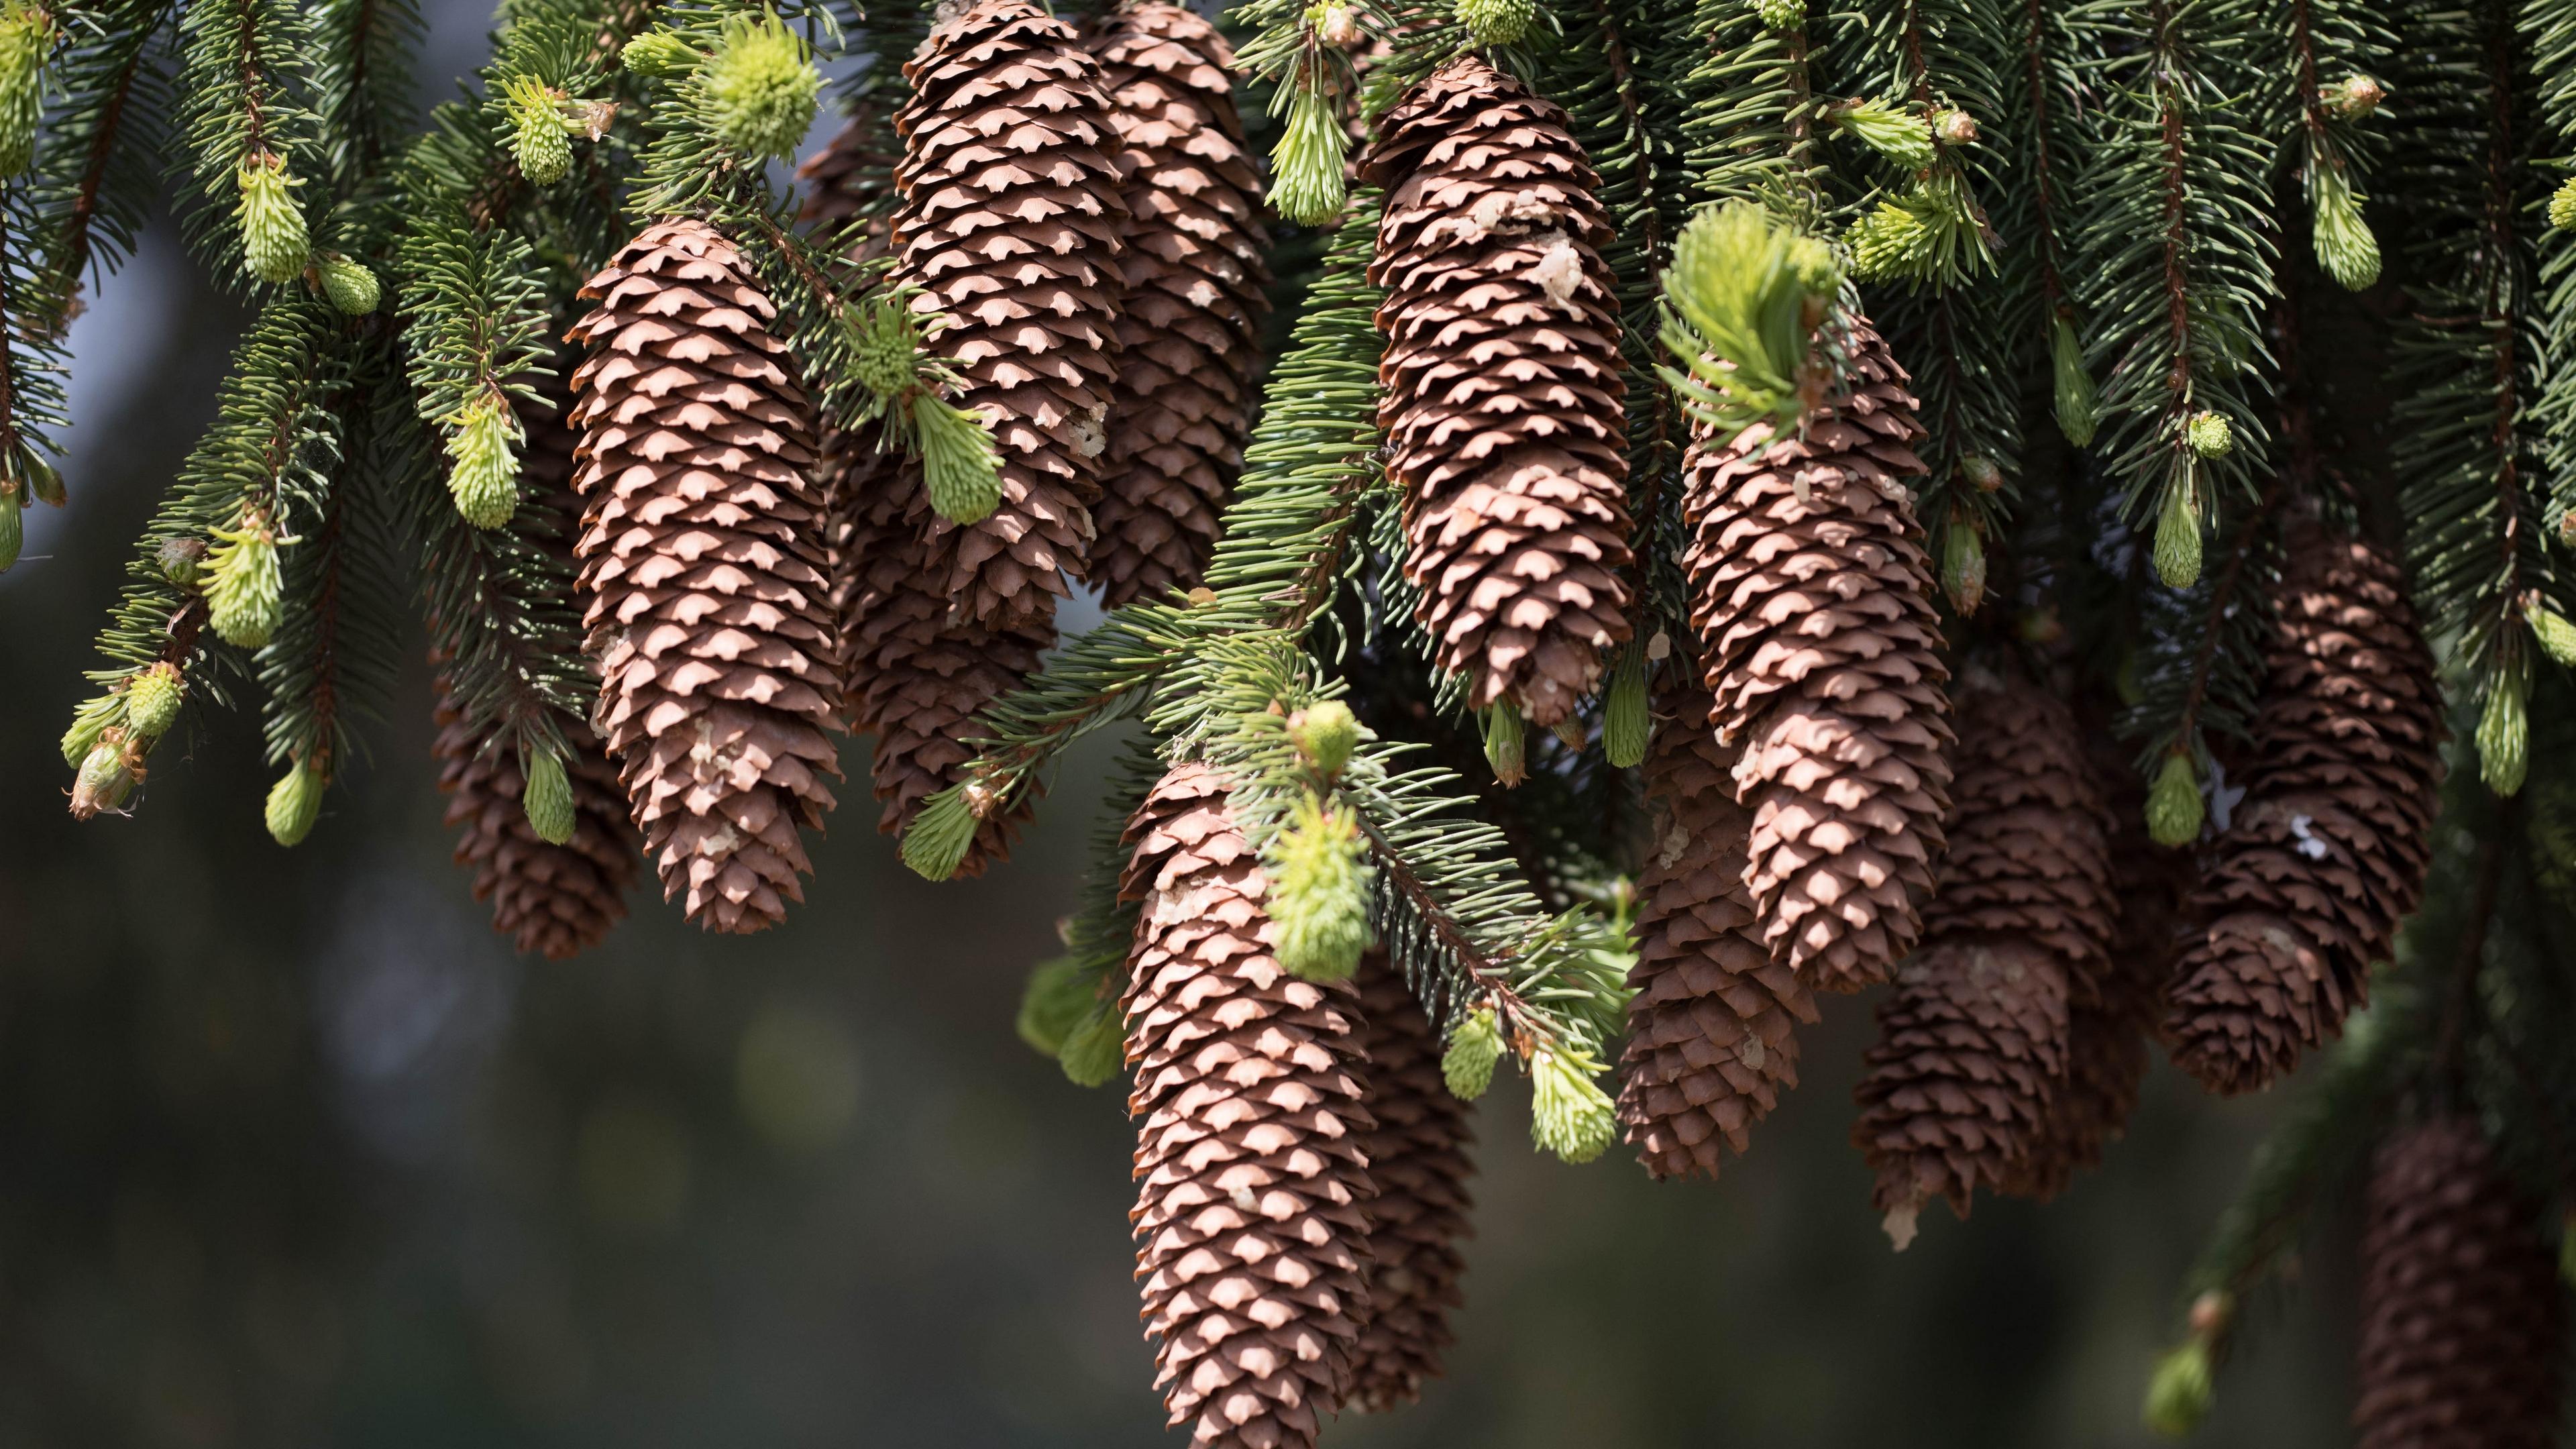 cones fir pine needles thorns twigs 4k 1541116152 - cones, fir, pine needles, thorns, twigs 4k - pine needles, fir, cones